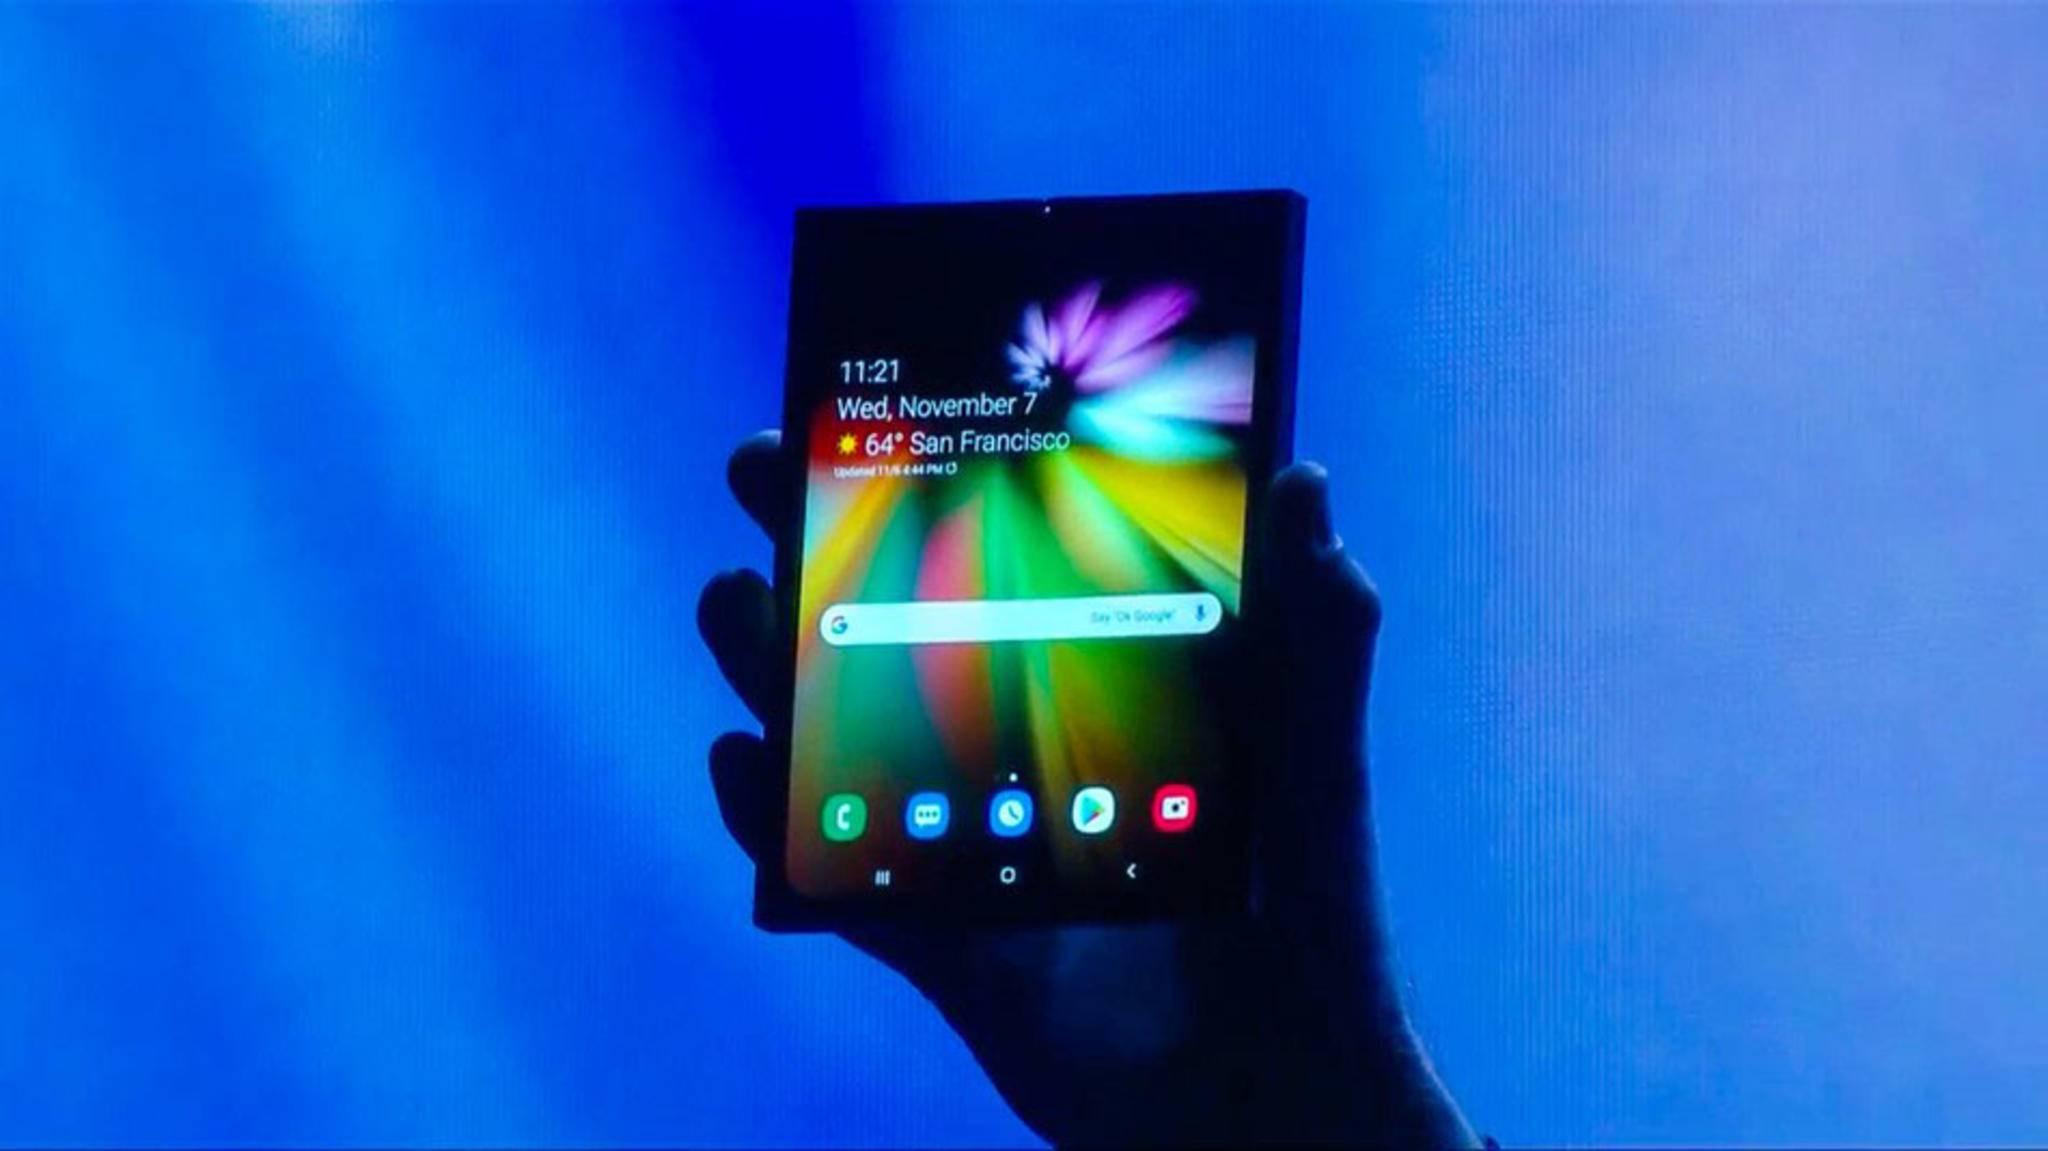 Samsungs faltbares Smartphone könnte ziemlich viel Power haben, wird aber auch entsprechend teuer sein.